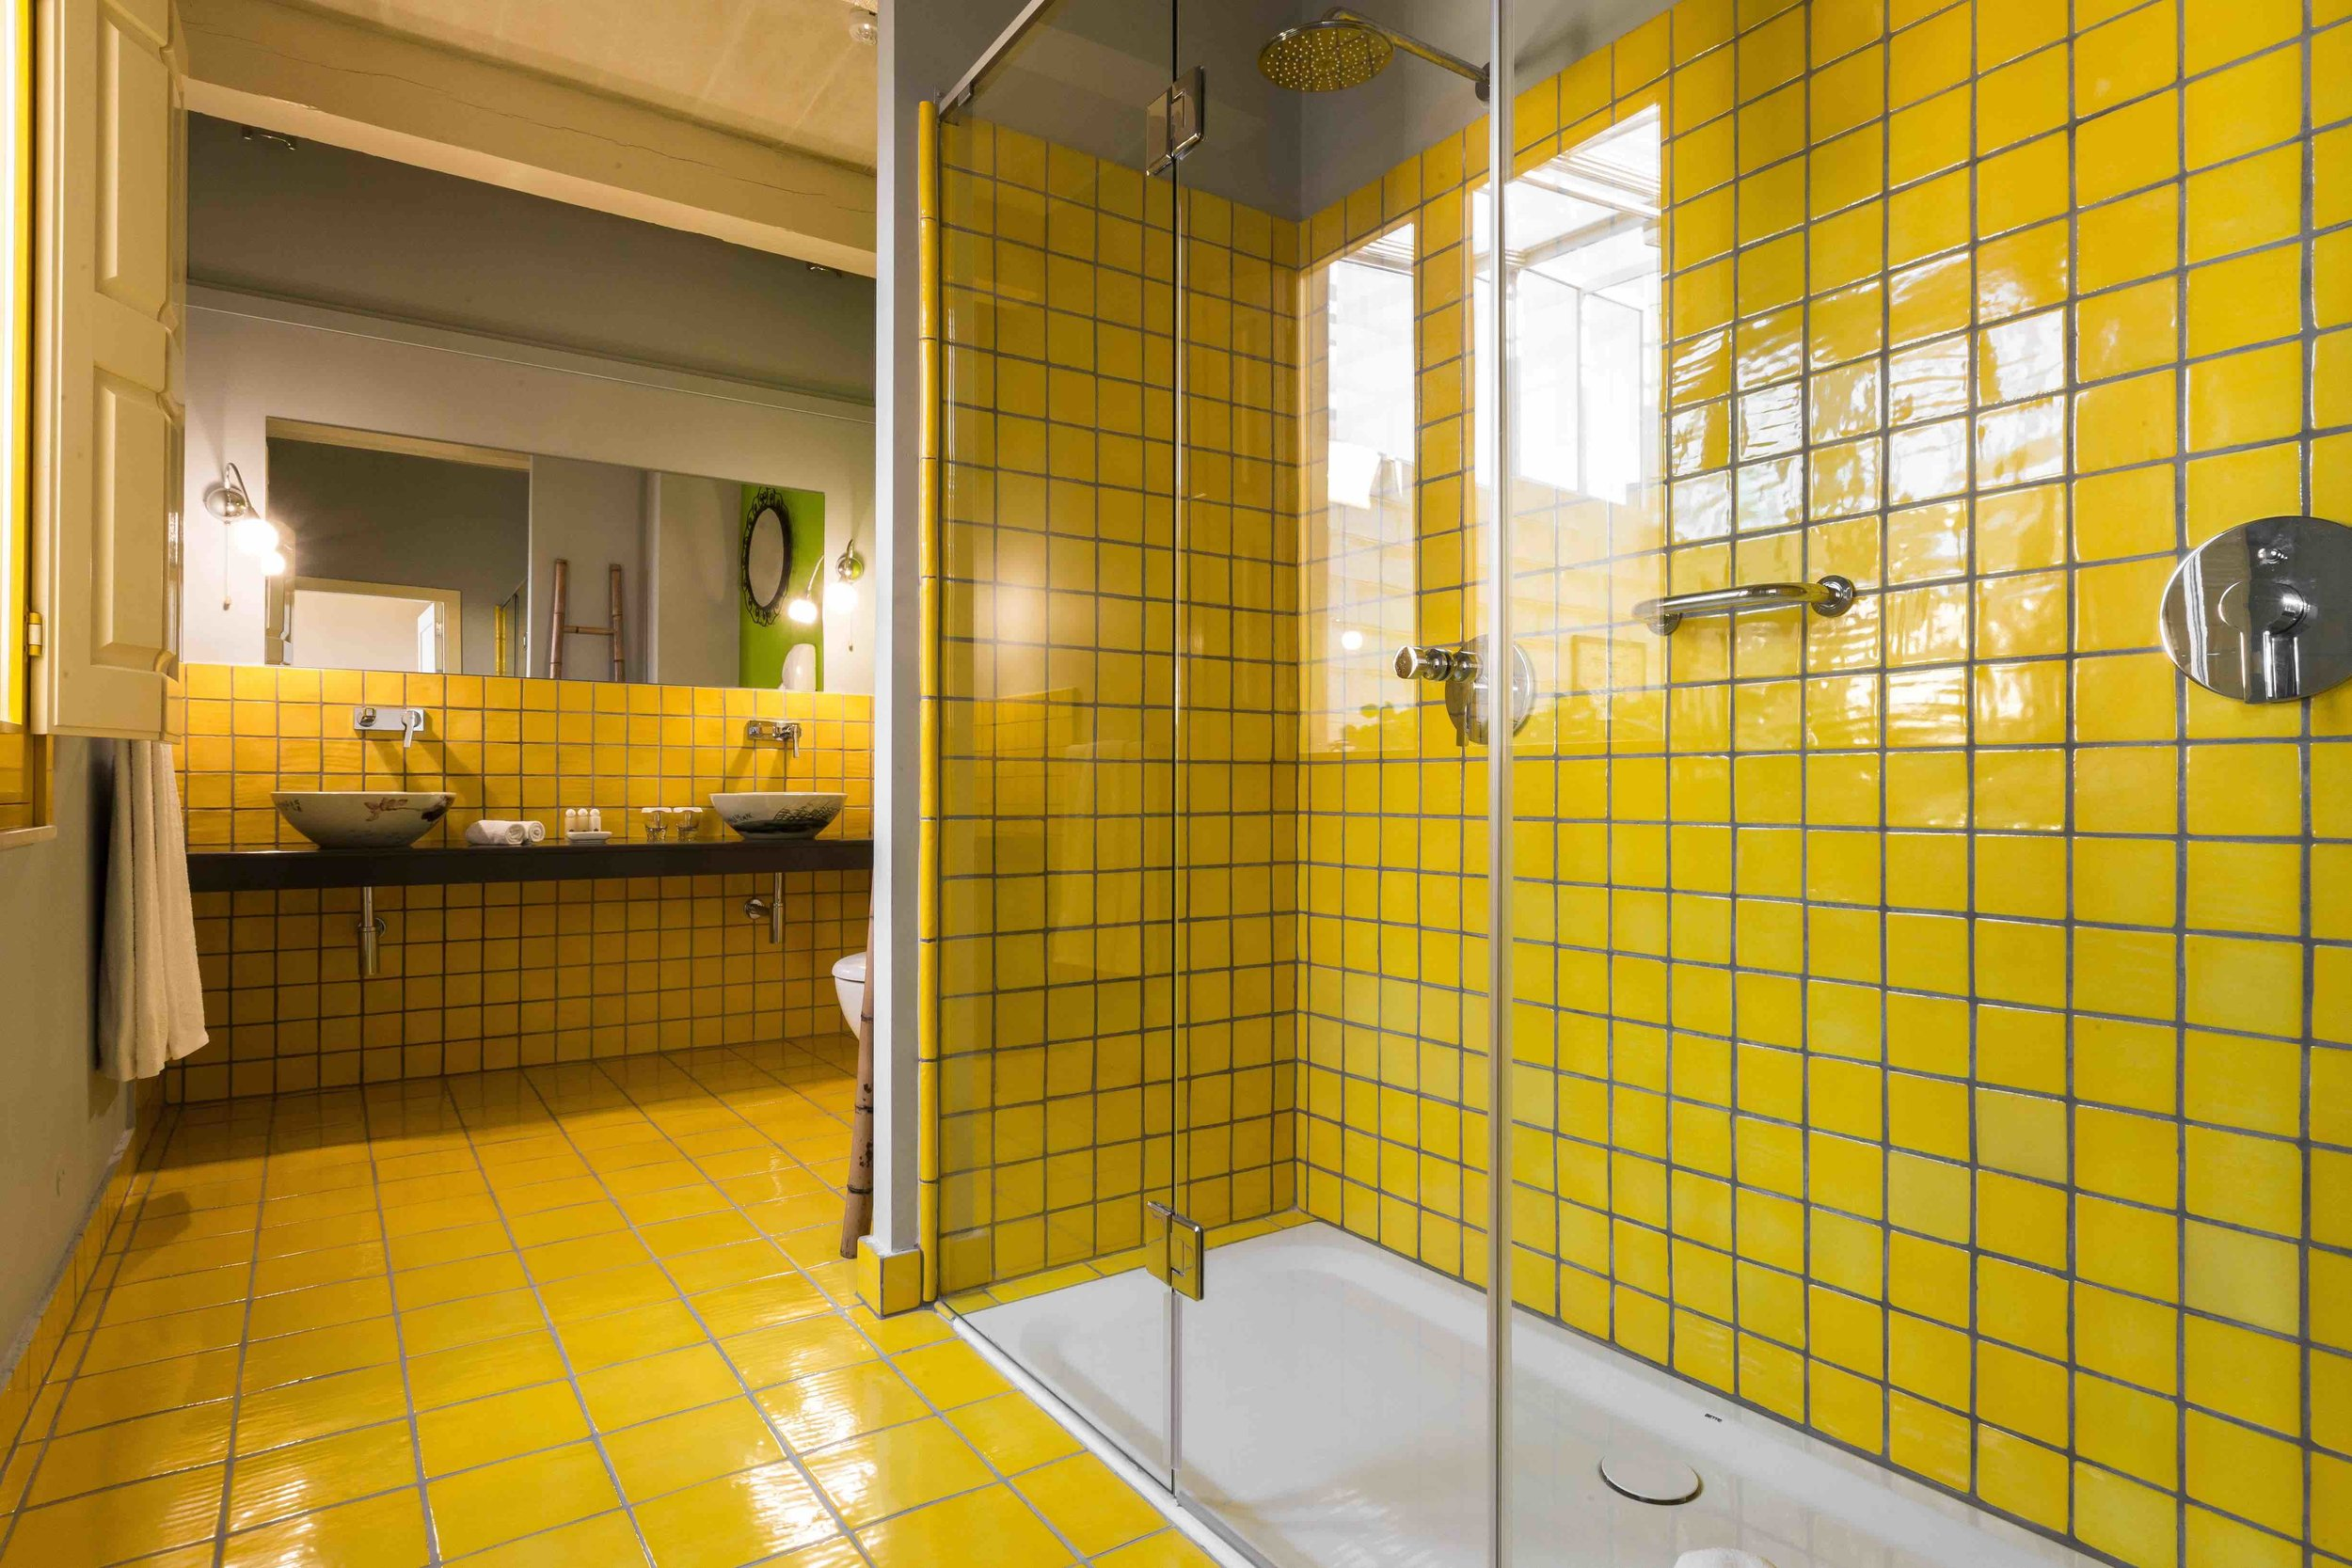 Boutique Hotel Malta Bathroom.jpg